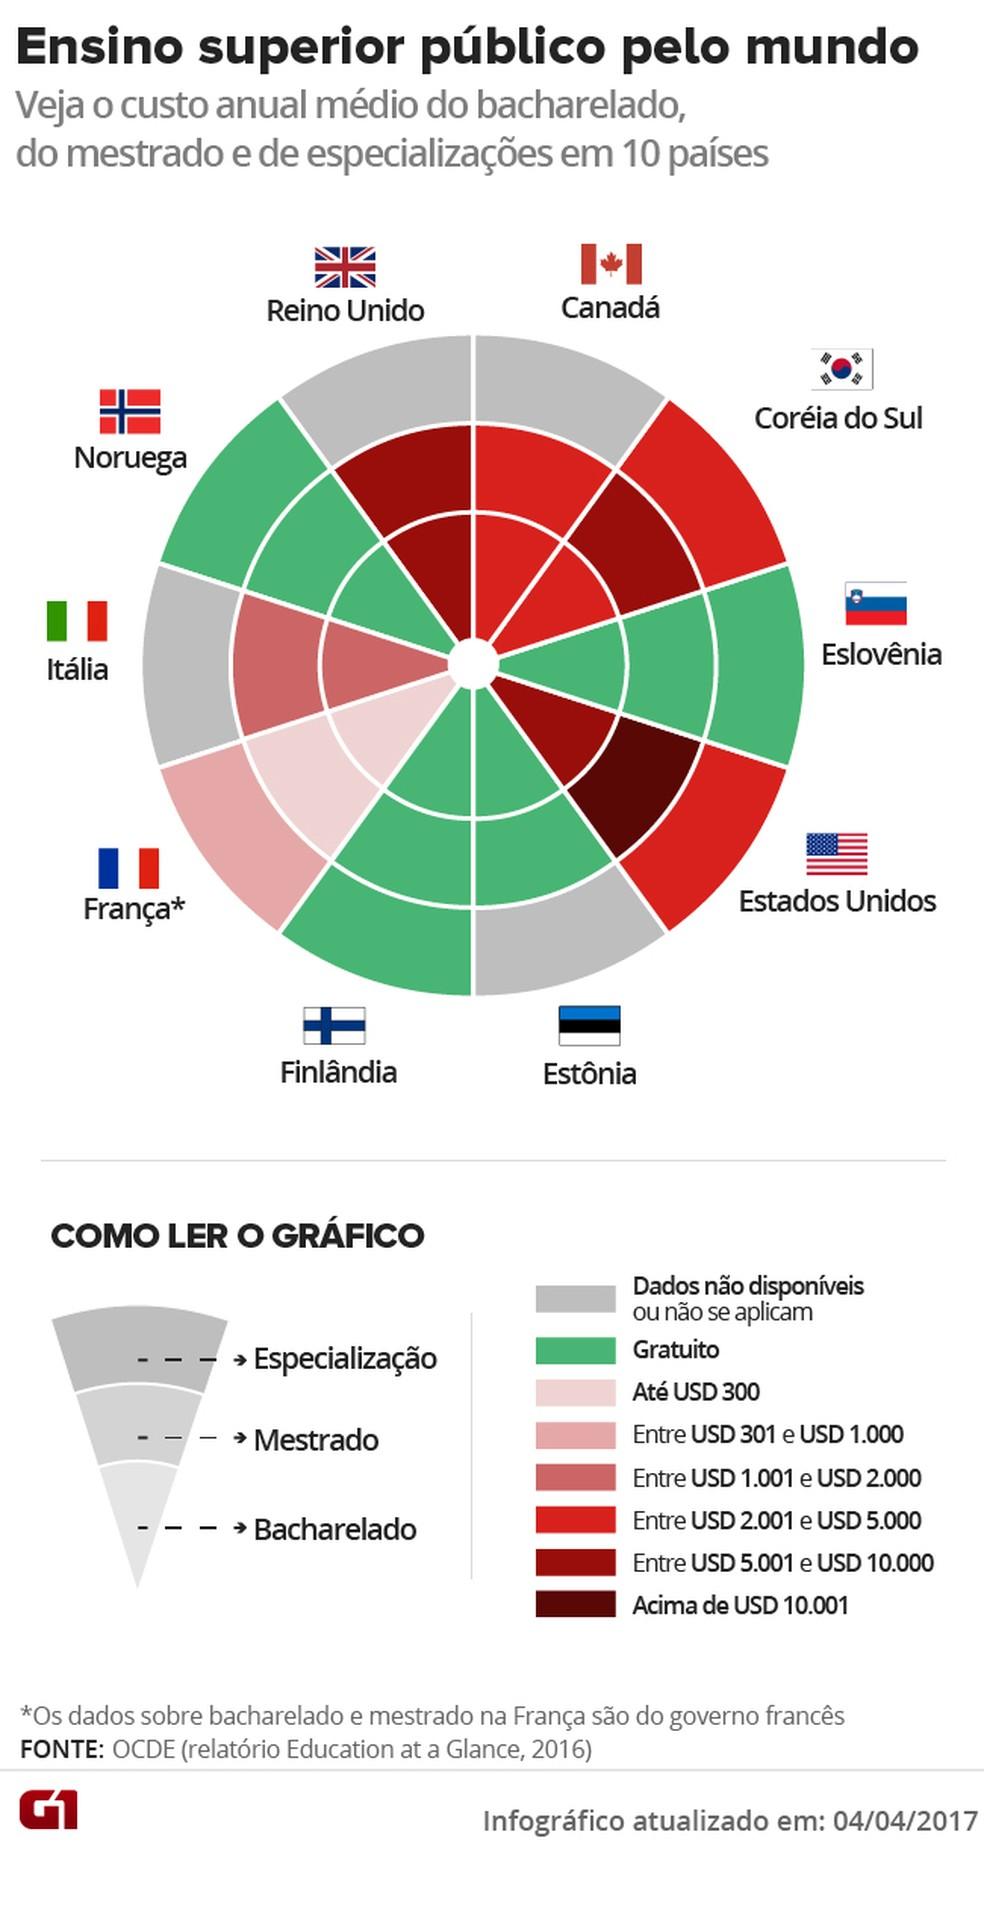 Gráfico compara os custos de cursos de bacharelado, mestrado e especialização lato sensu em dez países, de acordo com a faixa de preços cobrados dos estudantes (Foto: Editoria de Arte/G1)